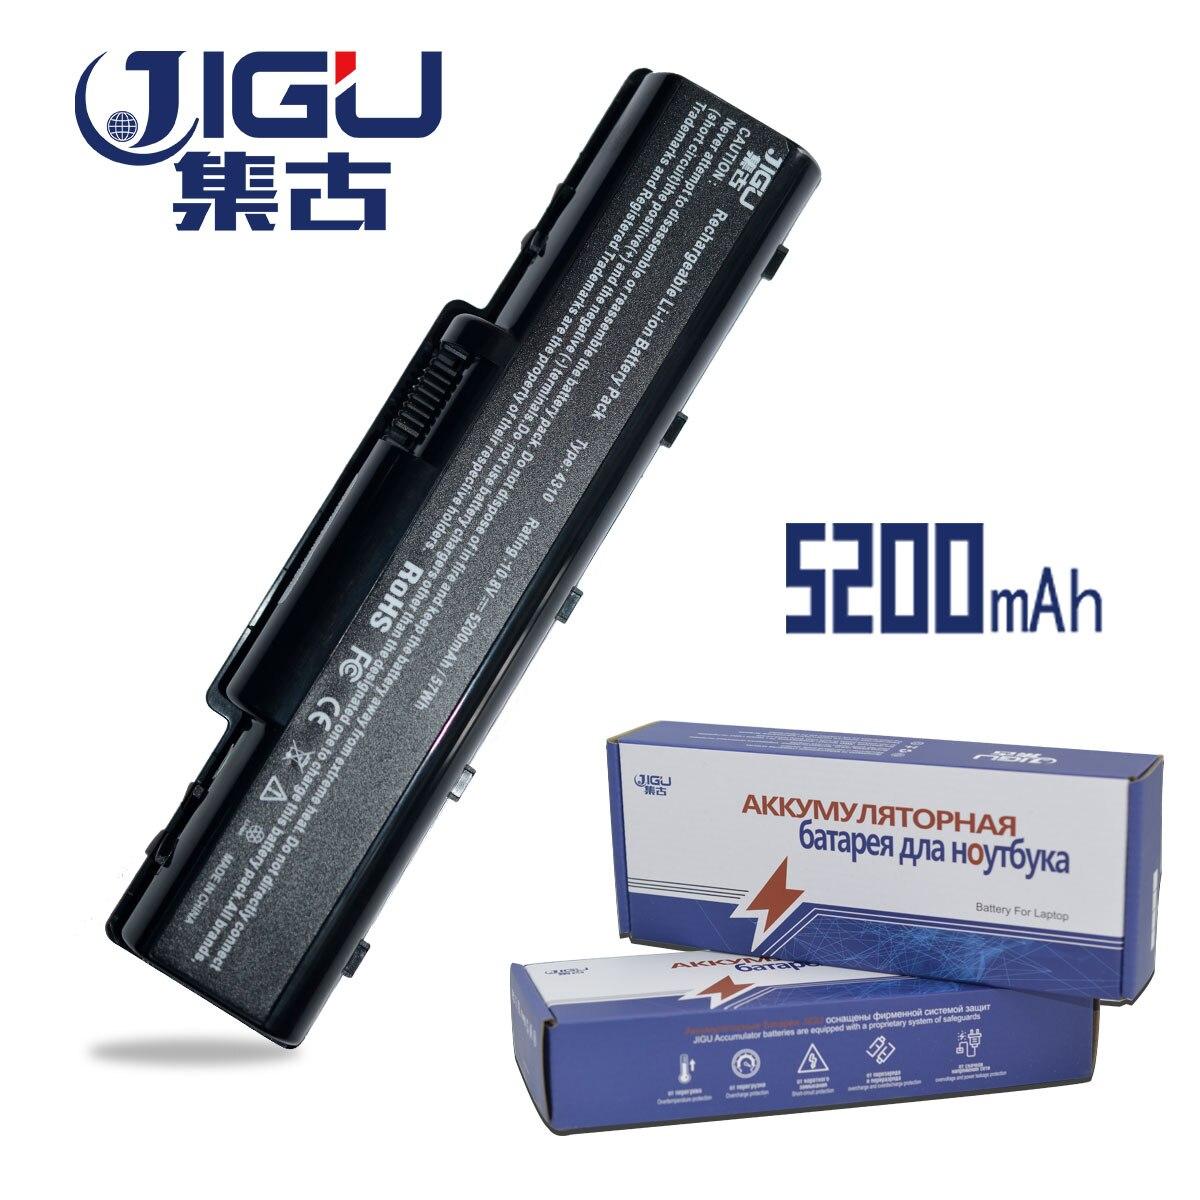 JIGU Laptop Battery For Acer AK.006BT.020 AK.006BT.025 As07a51 AS07A31 AS07A32 AS07A41 S07A51 AS07A52 AS07A71 AS07A72 AS09A61